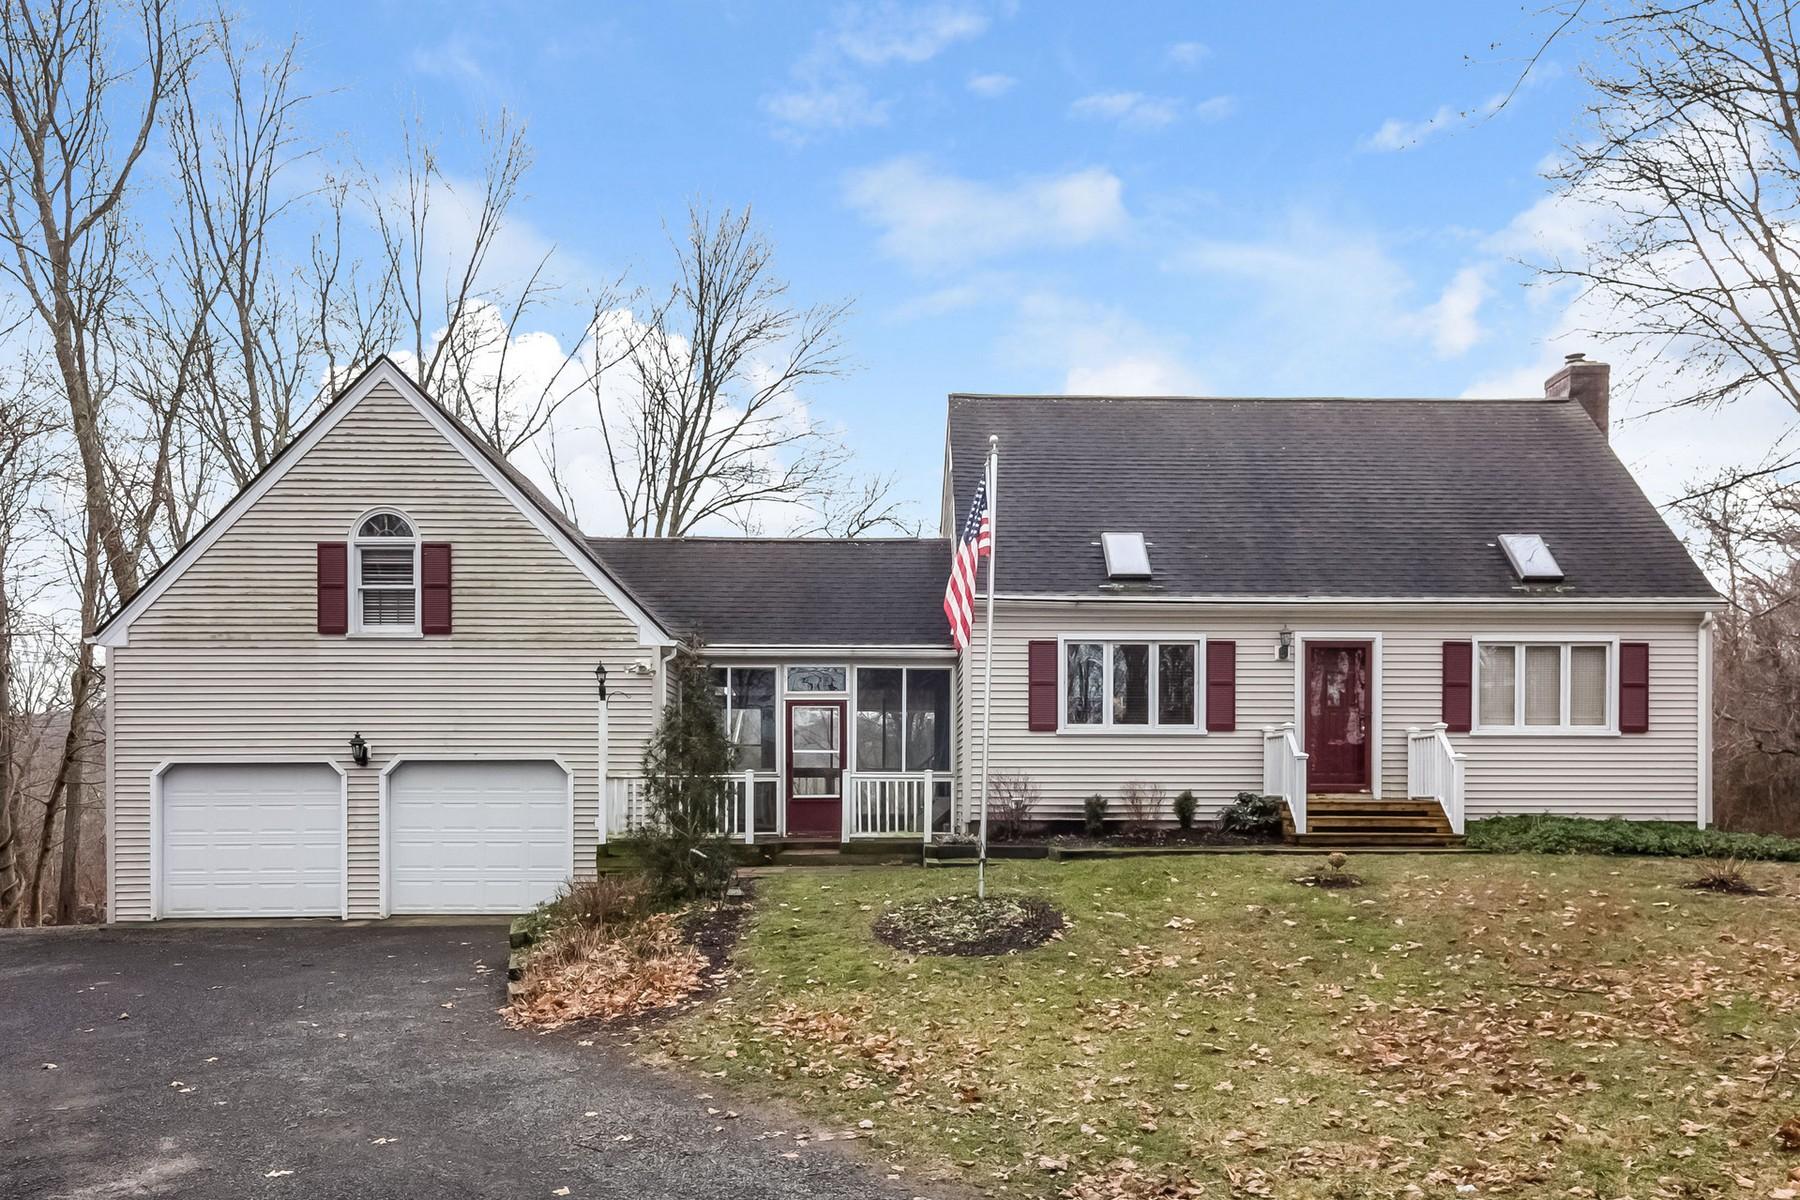 Maison unifamiliale pour l Vente à Walk to Marina 6 Marina View Dr Chester, Connecticut, 06412 États-Unis